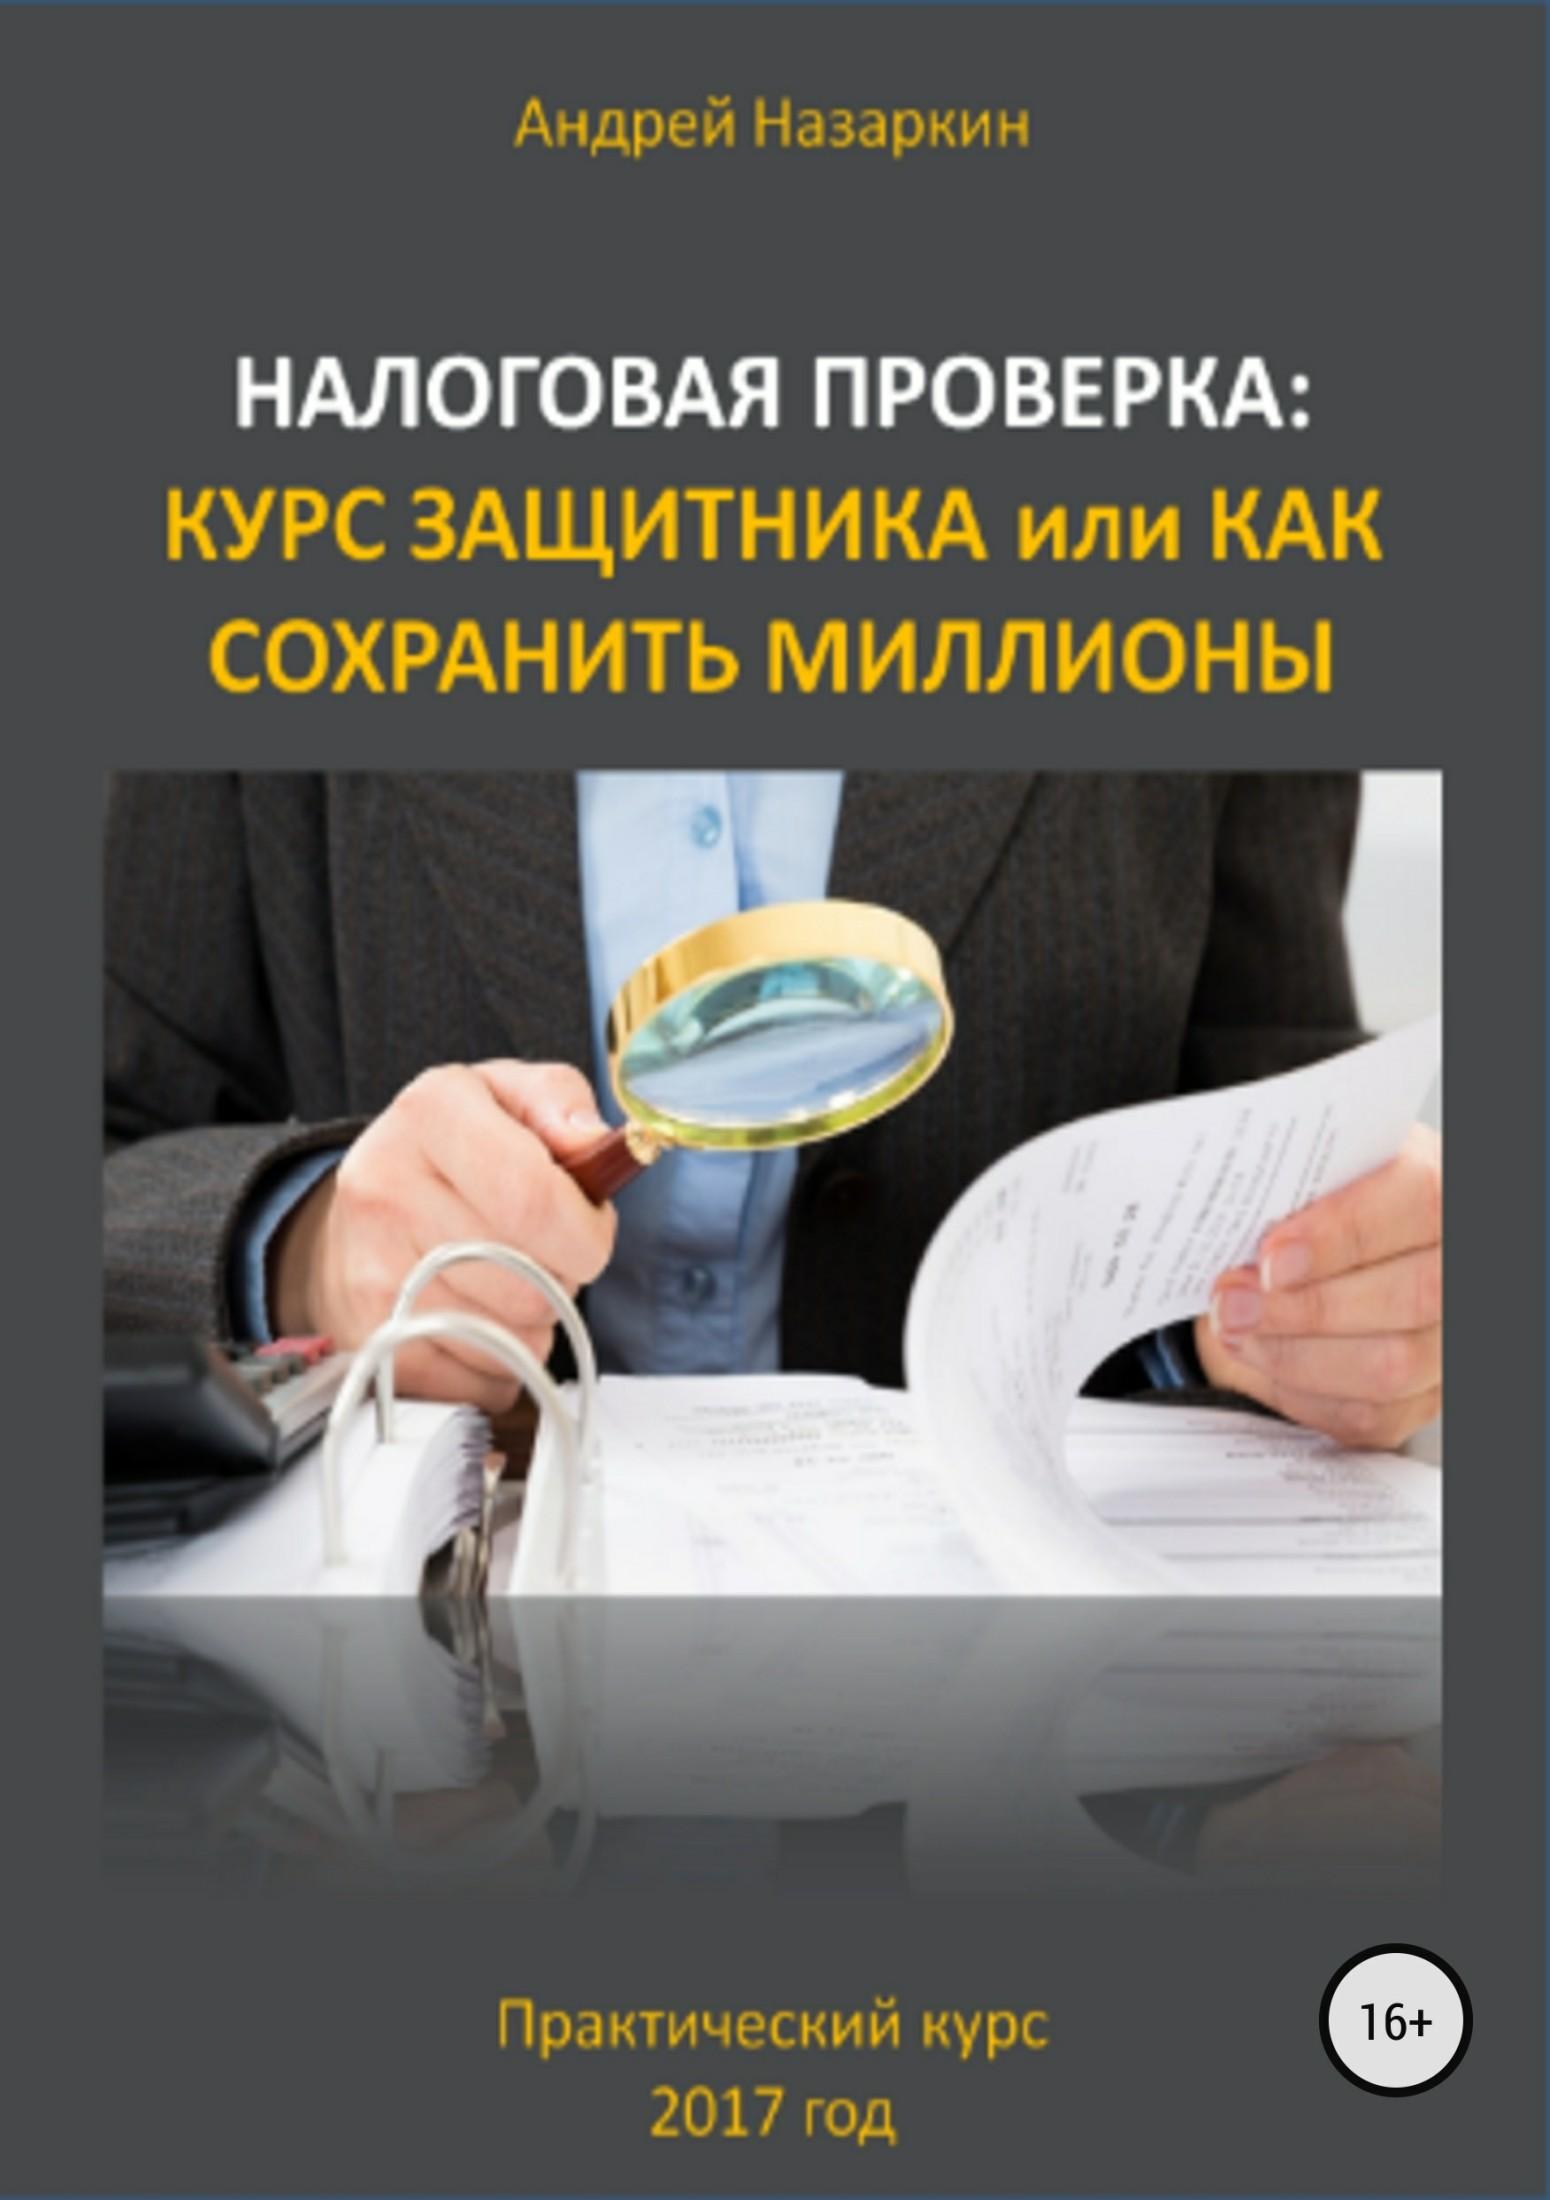 Обложка книги. Автор - Андрей Назаркин